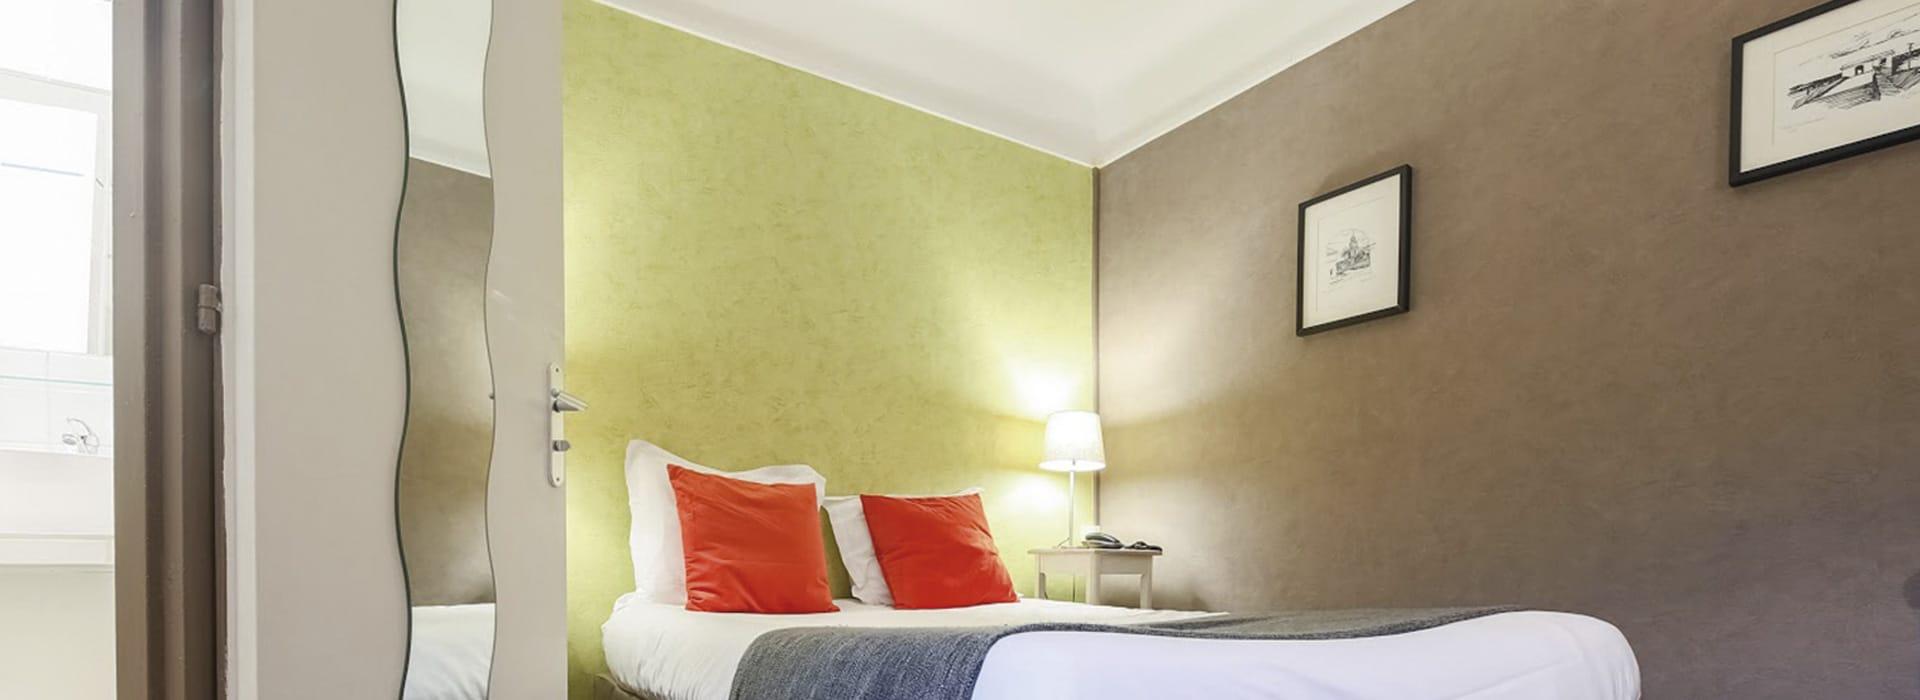 hotel-azur-chambre1